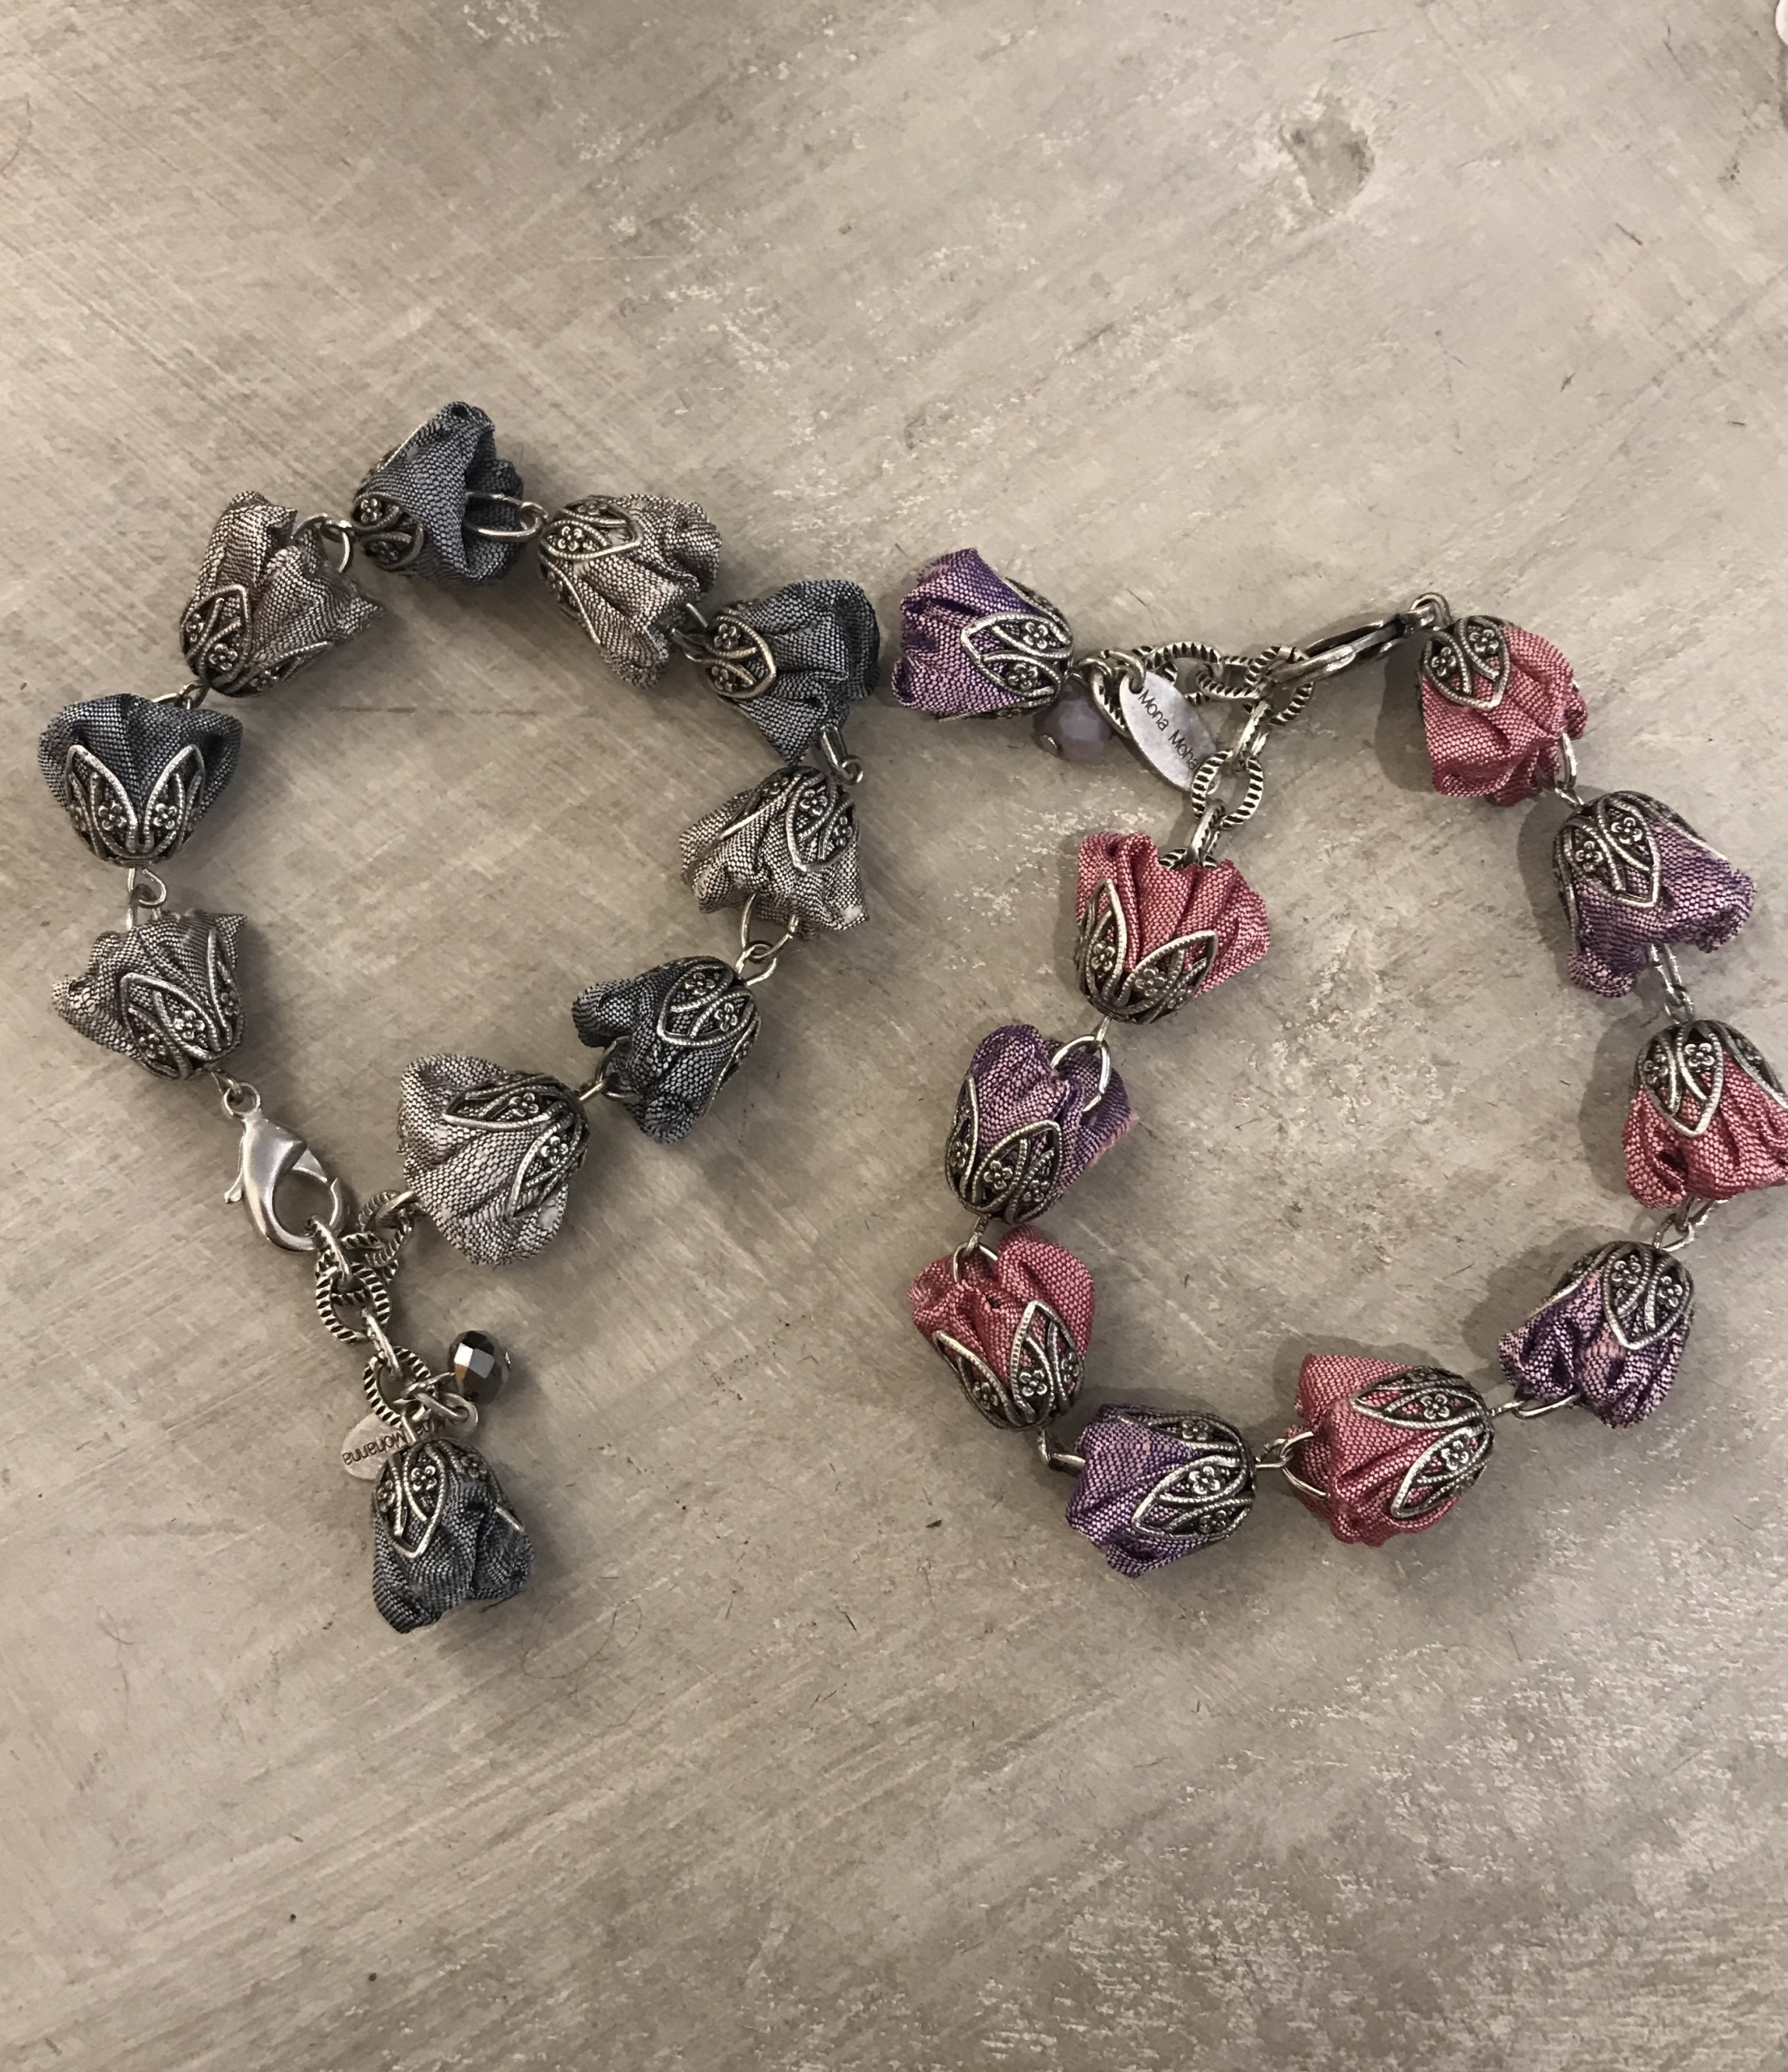 Braccialetti concatenati con cristalli e roselline in shantung